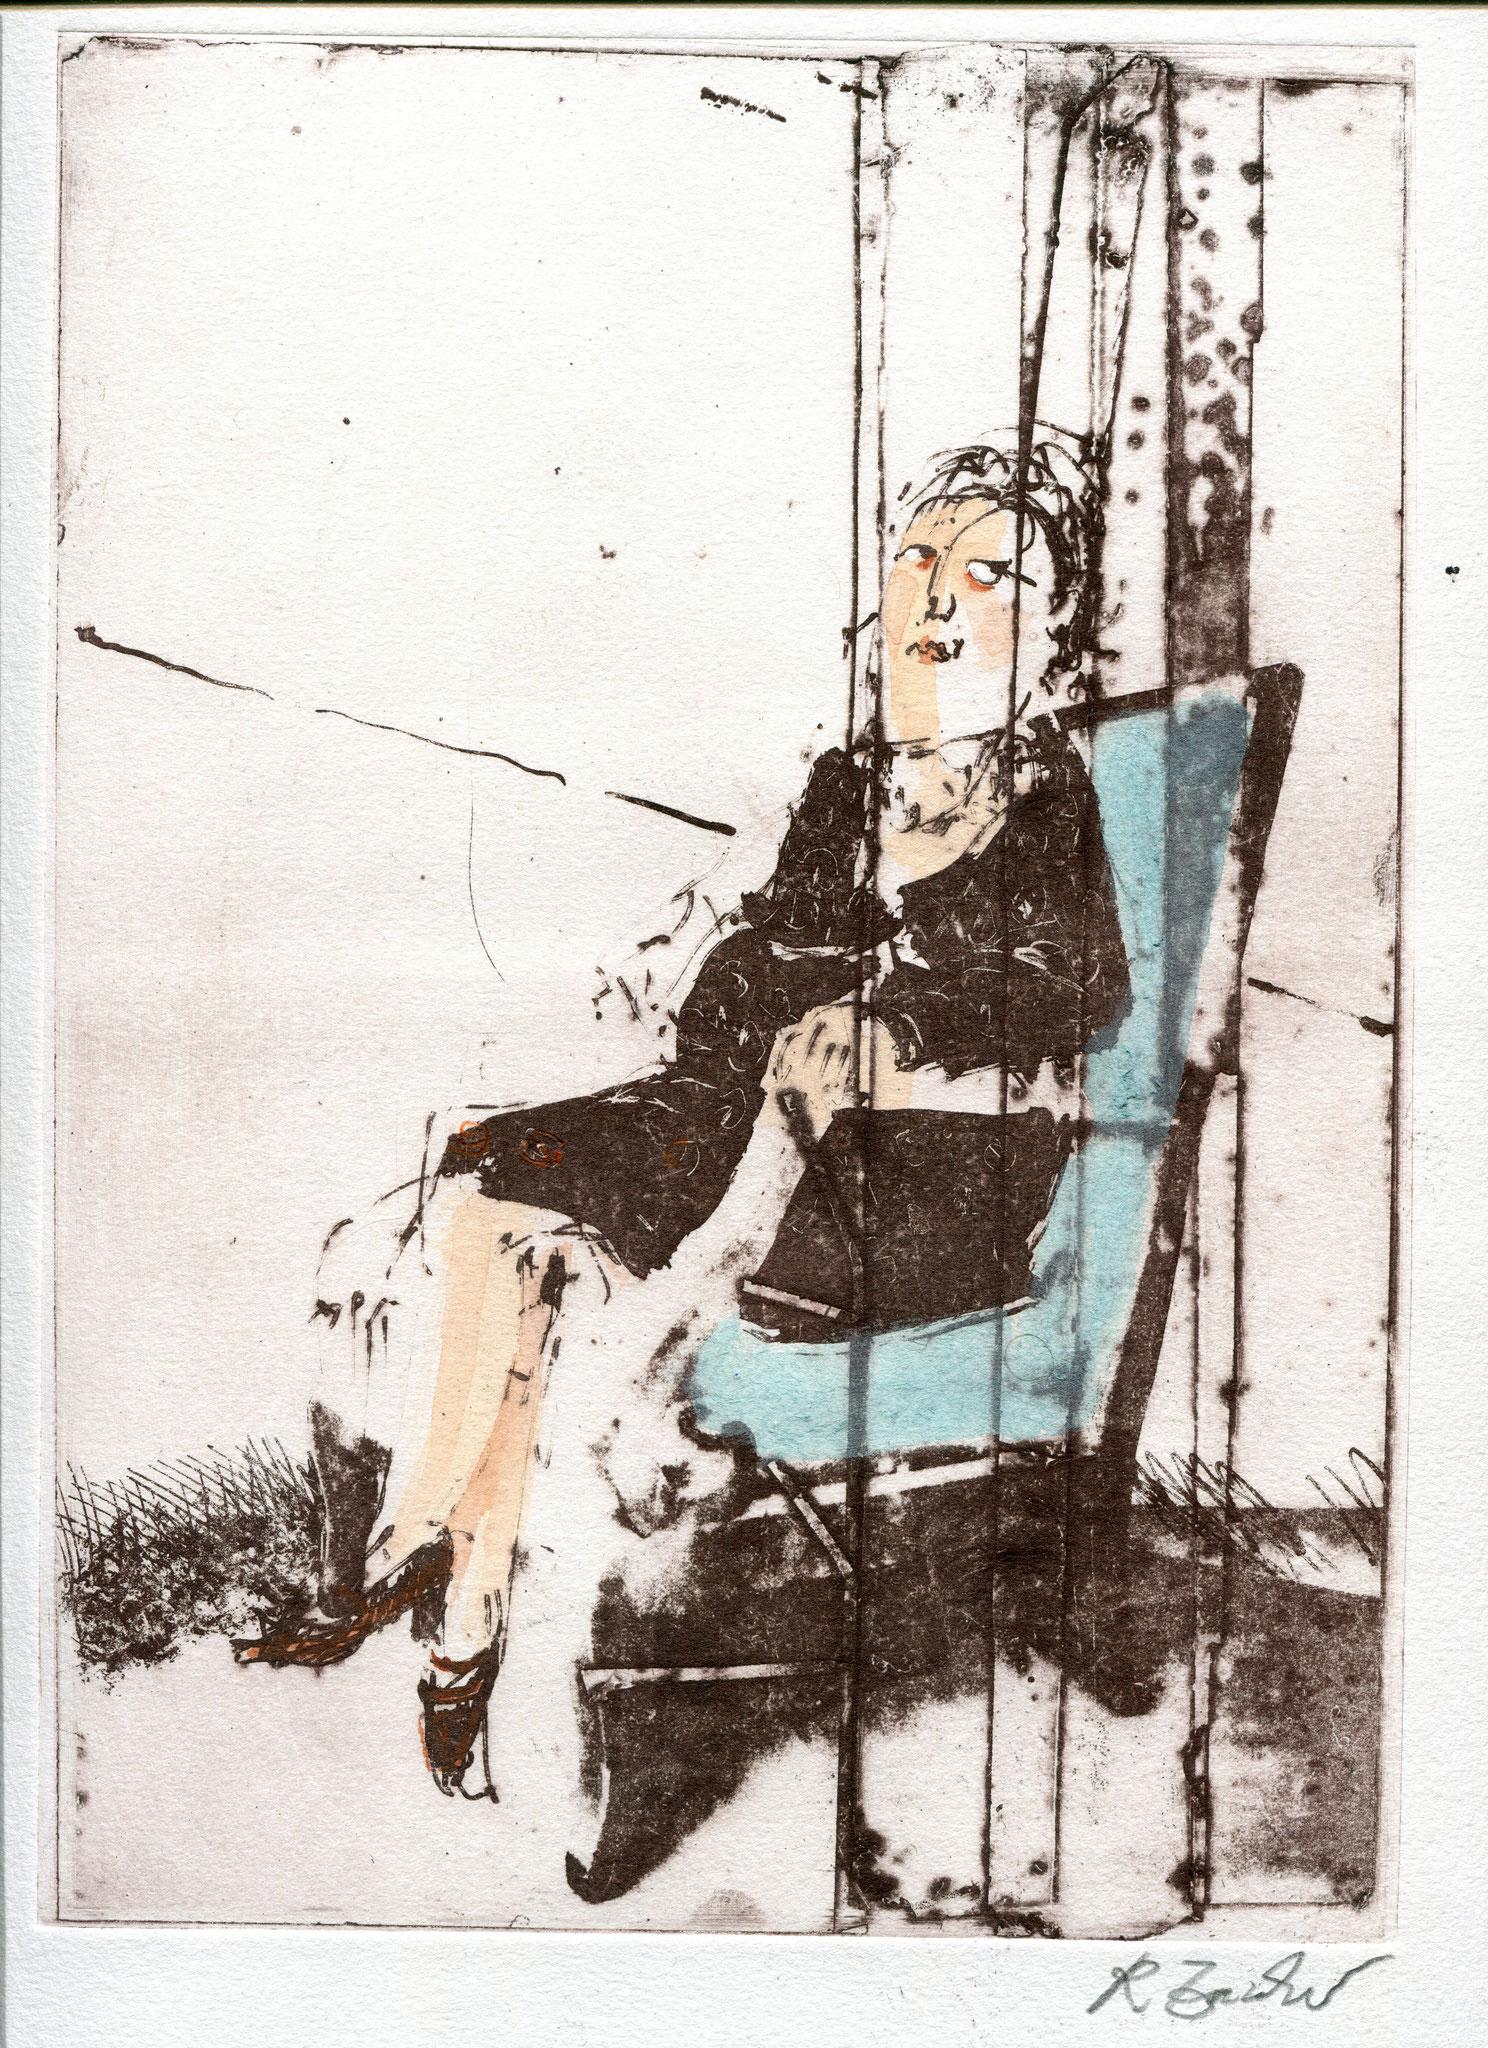 Frau im Spiegel, Intagliotypie, 70 x 50 cm